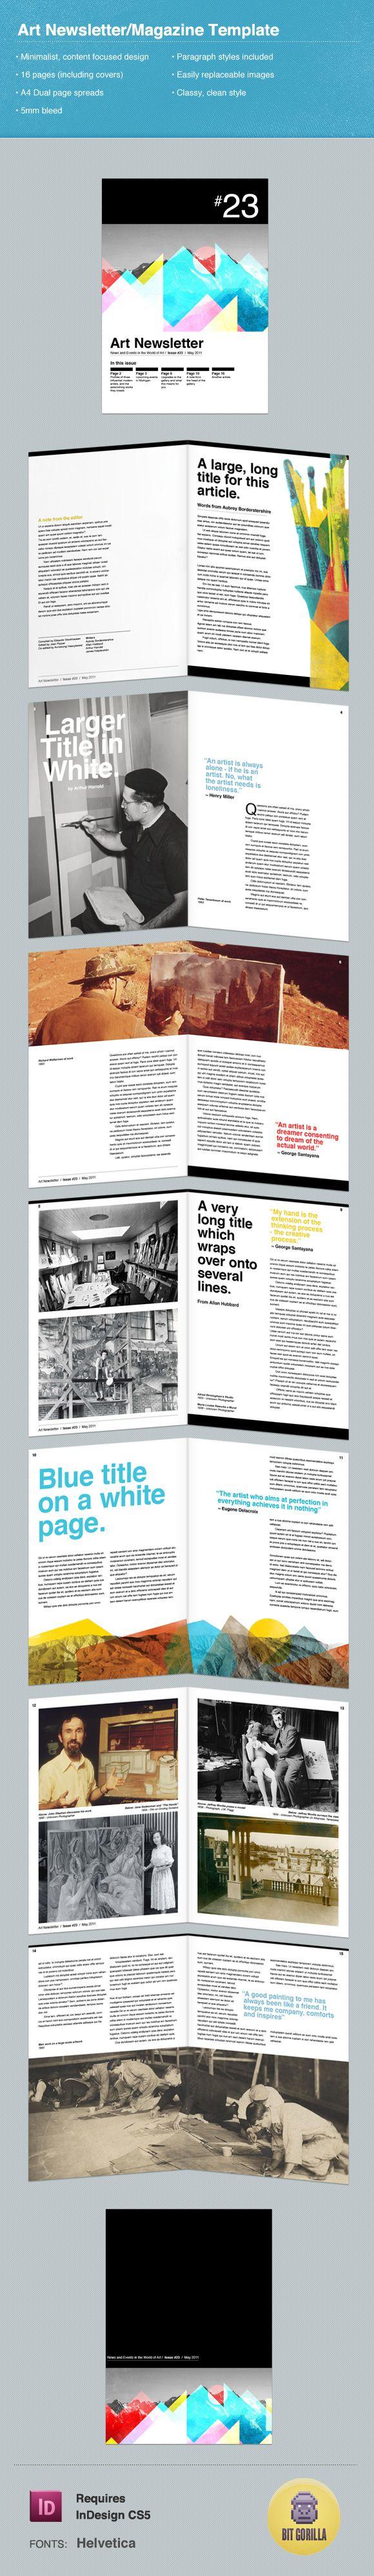 Art Themed Newsletter/Magazine Template